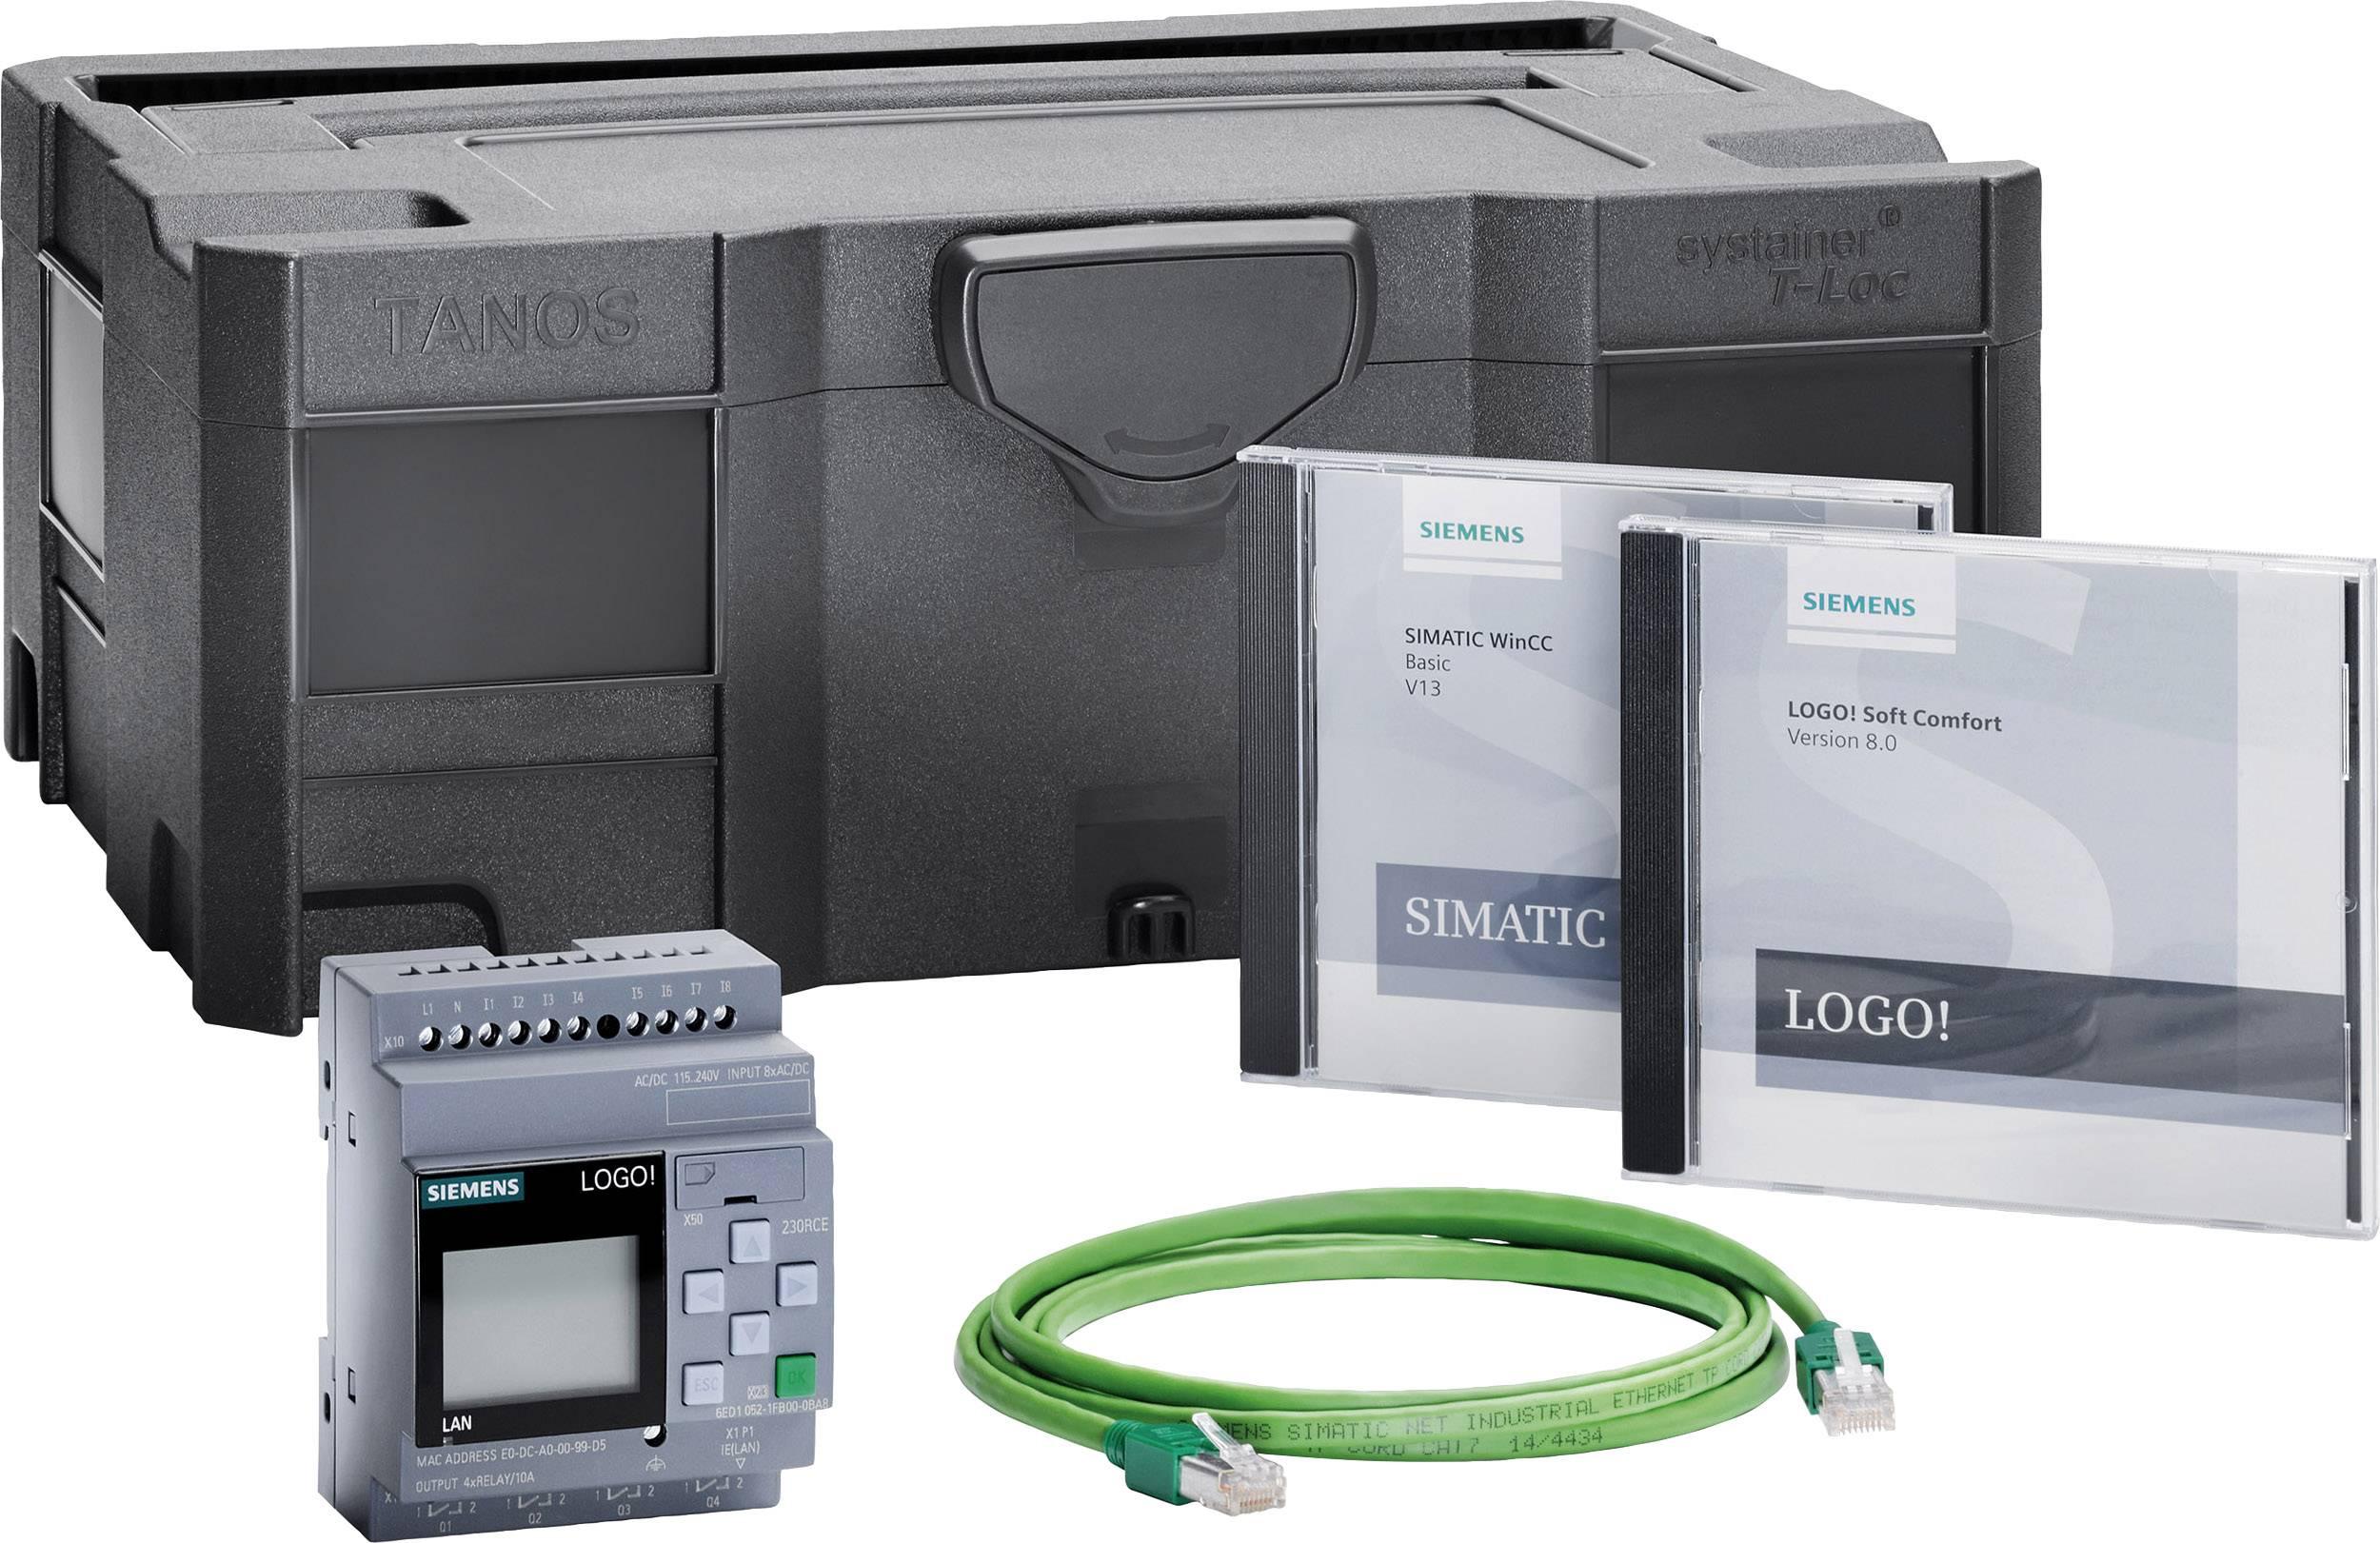 Štartovacia súprava Siemens LOGO! 6ED1057-3BA03-0AA8, 115 V/AC, 115 V/DC, 230 V/AC, 230 V/DC